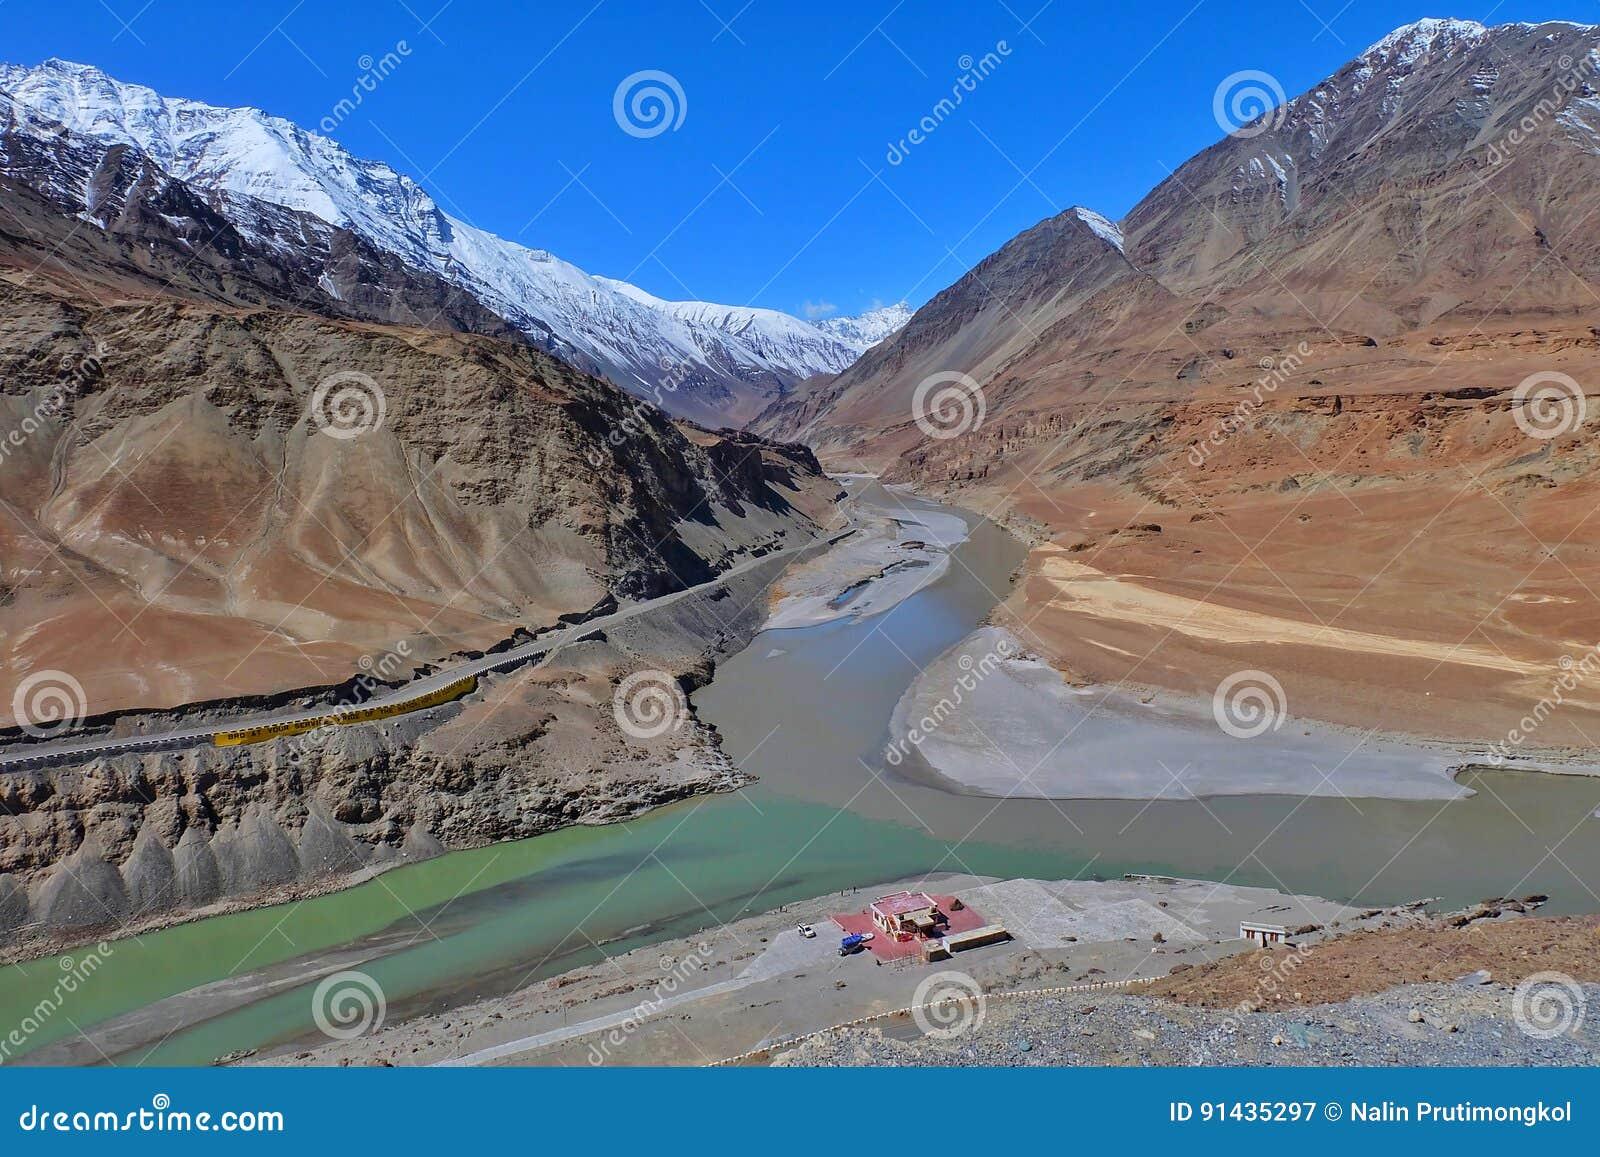 Zanskarrivier in Leh, Ladakh, India